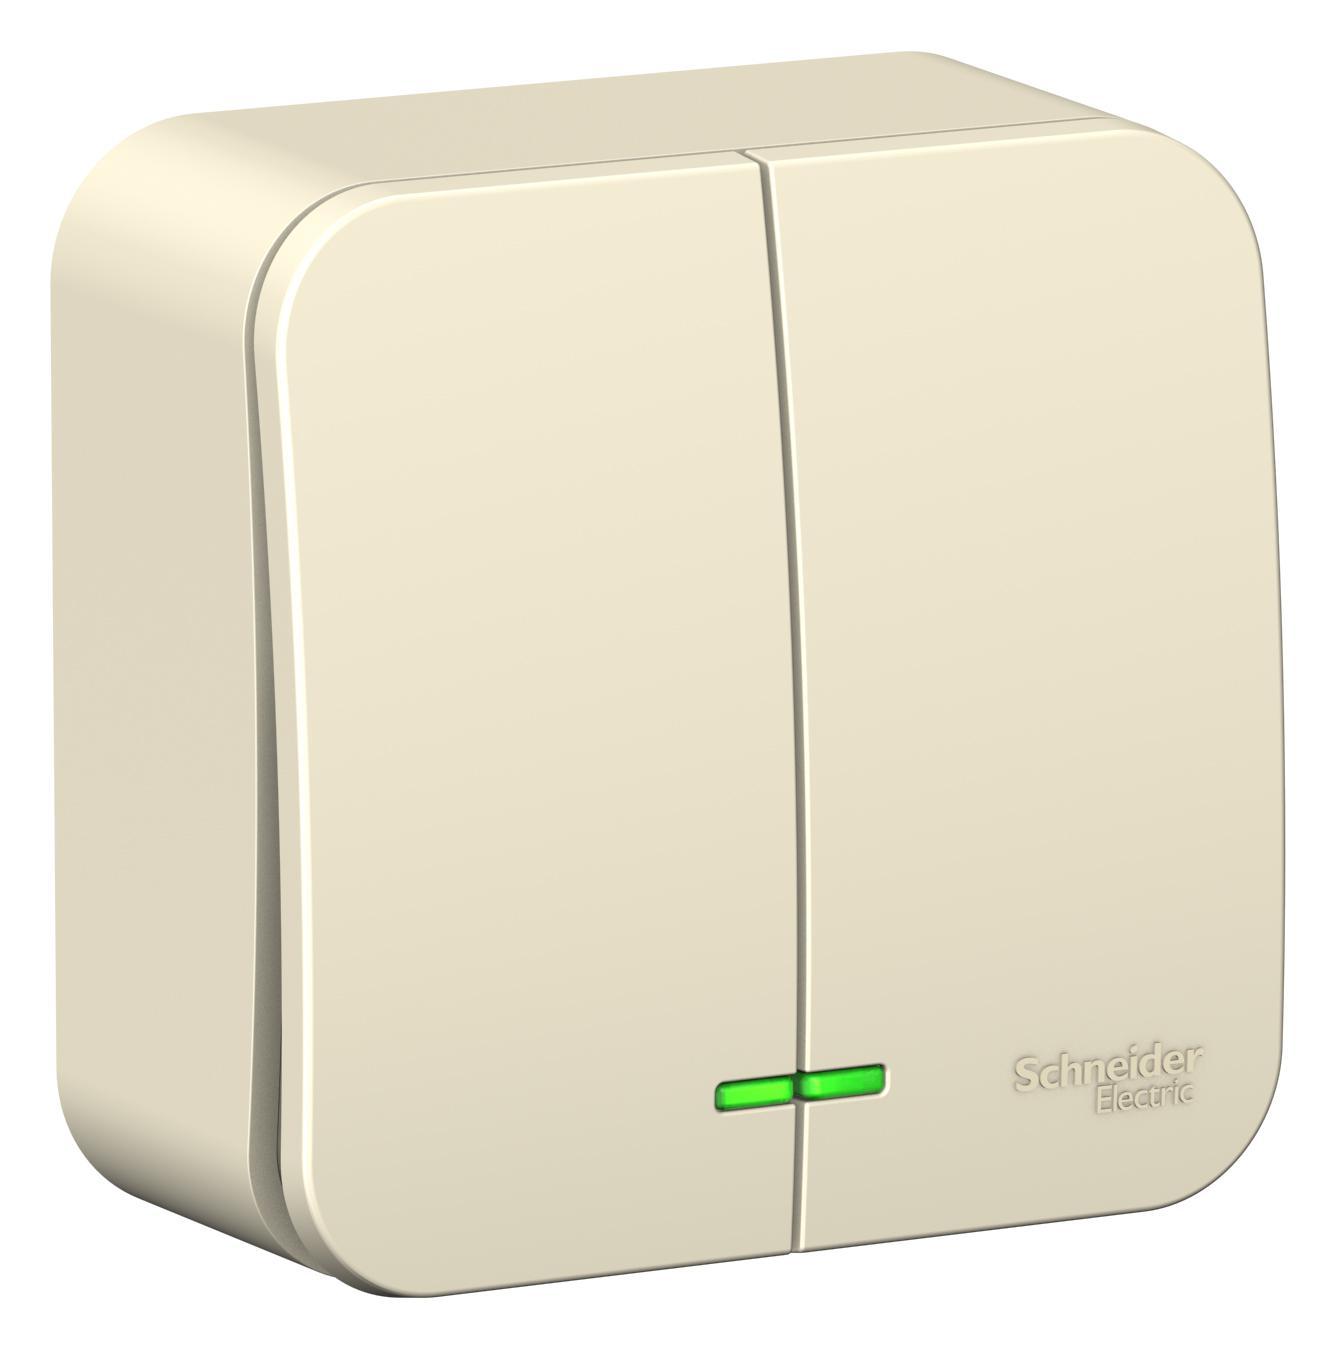 Выключатель Schneider electric Blnva105102 blanca выключатель schneider electric blnva101013 blanca